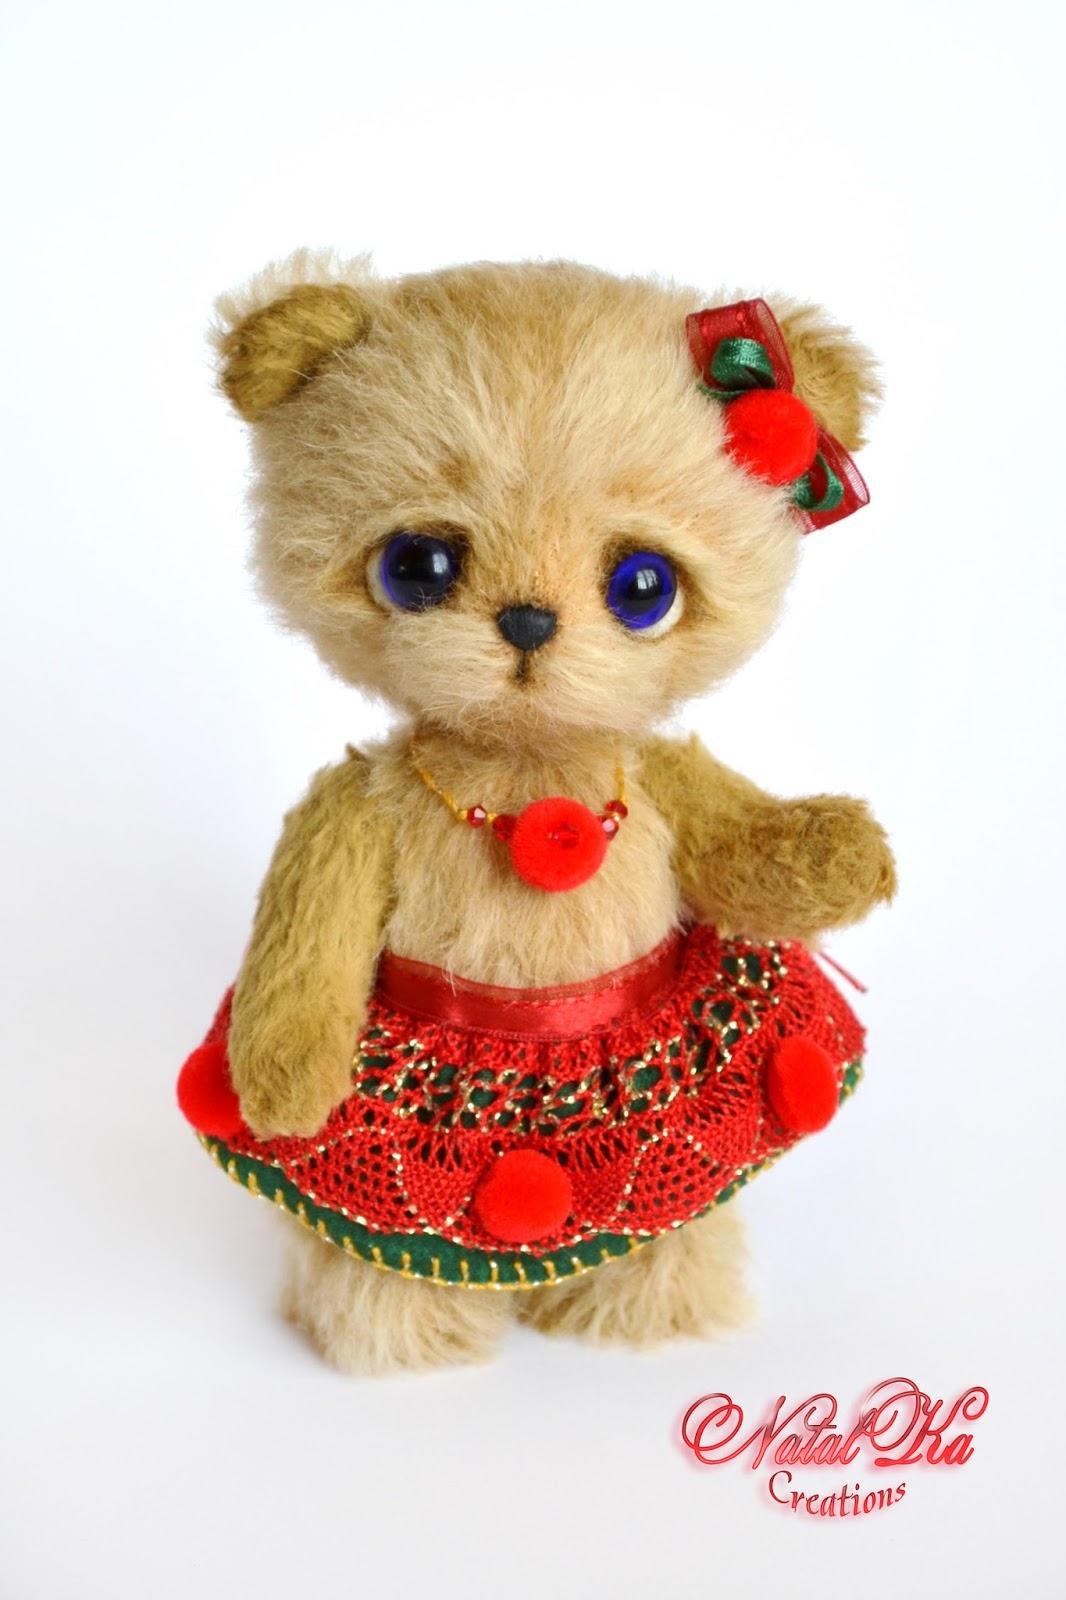 Artist teddy bear, artist bear, handmade teddy, ooak, mohair, teddy bear, handmade by NatalKa Creations, Künstlerteddy, Unikat, Teddys, Teddybär, Teddy, Bär, Mohair, handgemacht von NatalKa Creations